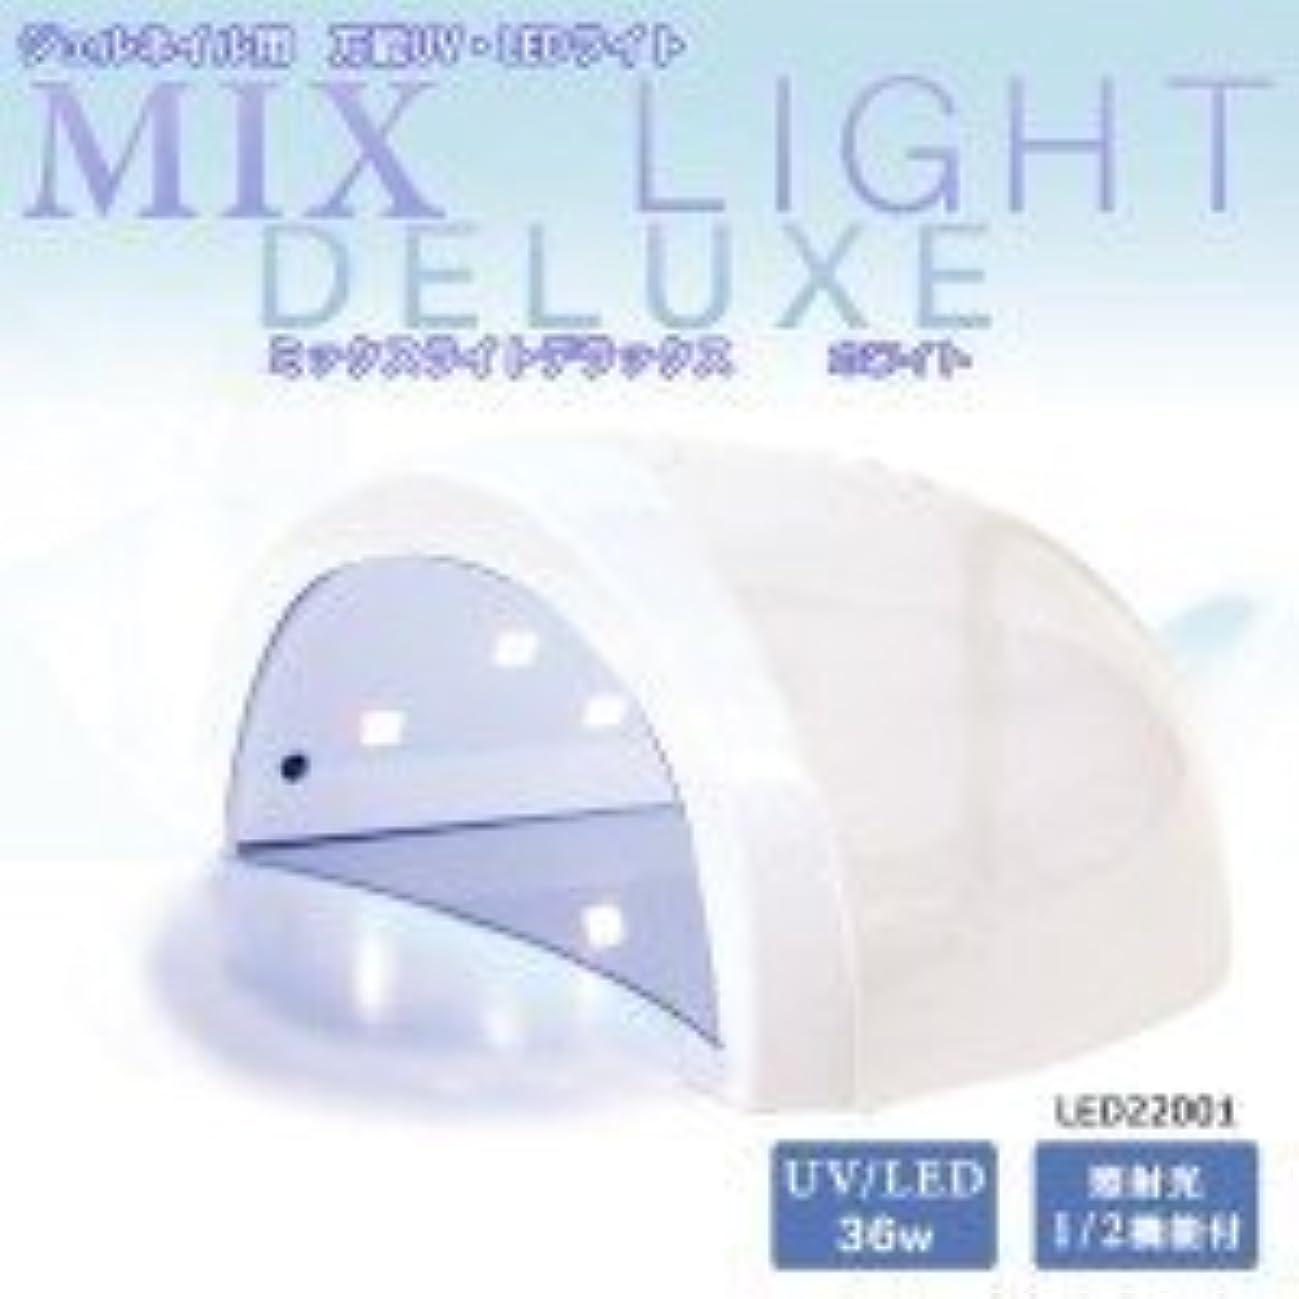 アイロニー原点鉄ビューティーワールド ジェルネイル用 万能UV?LEDライト MIX LIGHT DELUXE ミックスライトデラックス  ホワイトLED22001